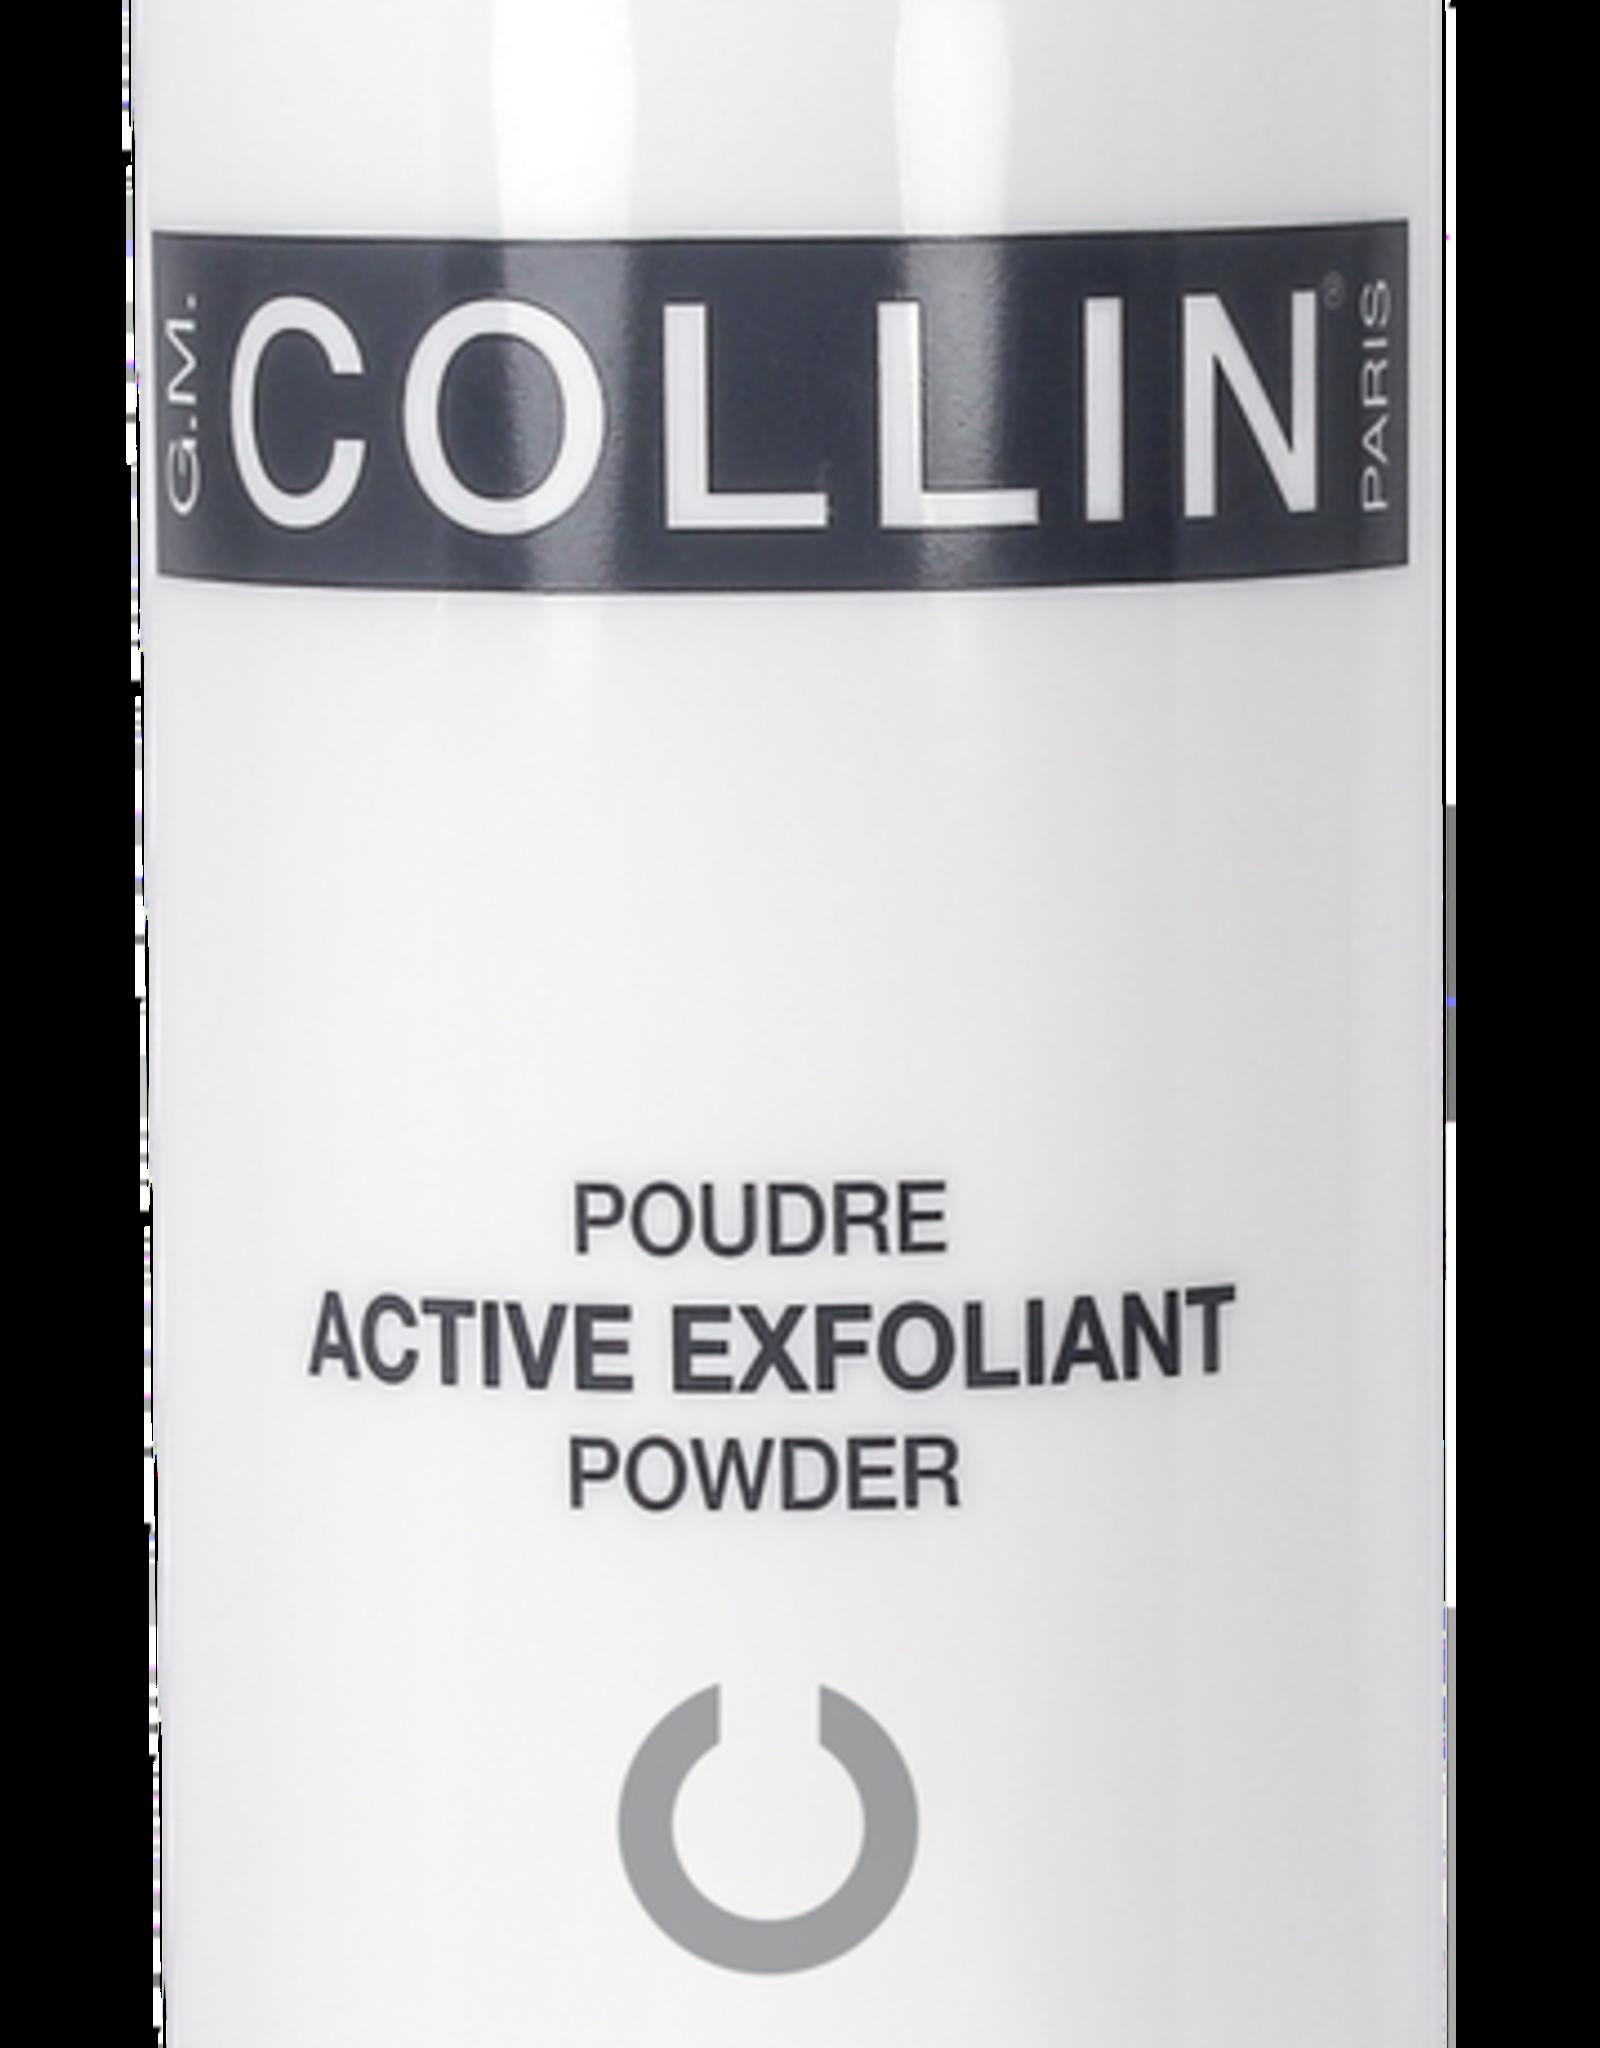 GM Collin G.M. Collin Active Exfoliant Powder